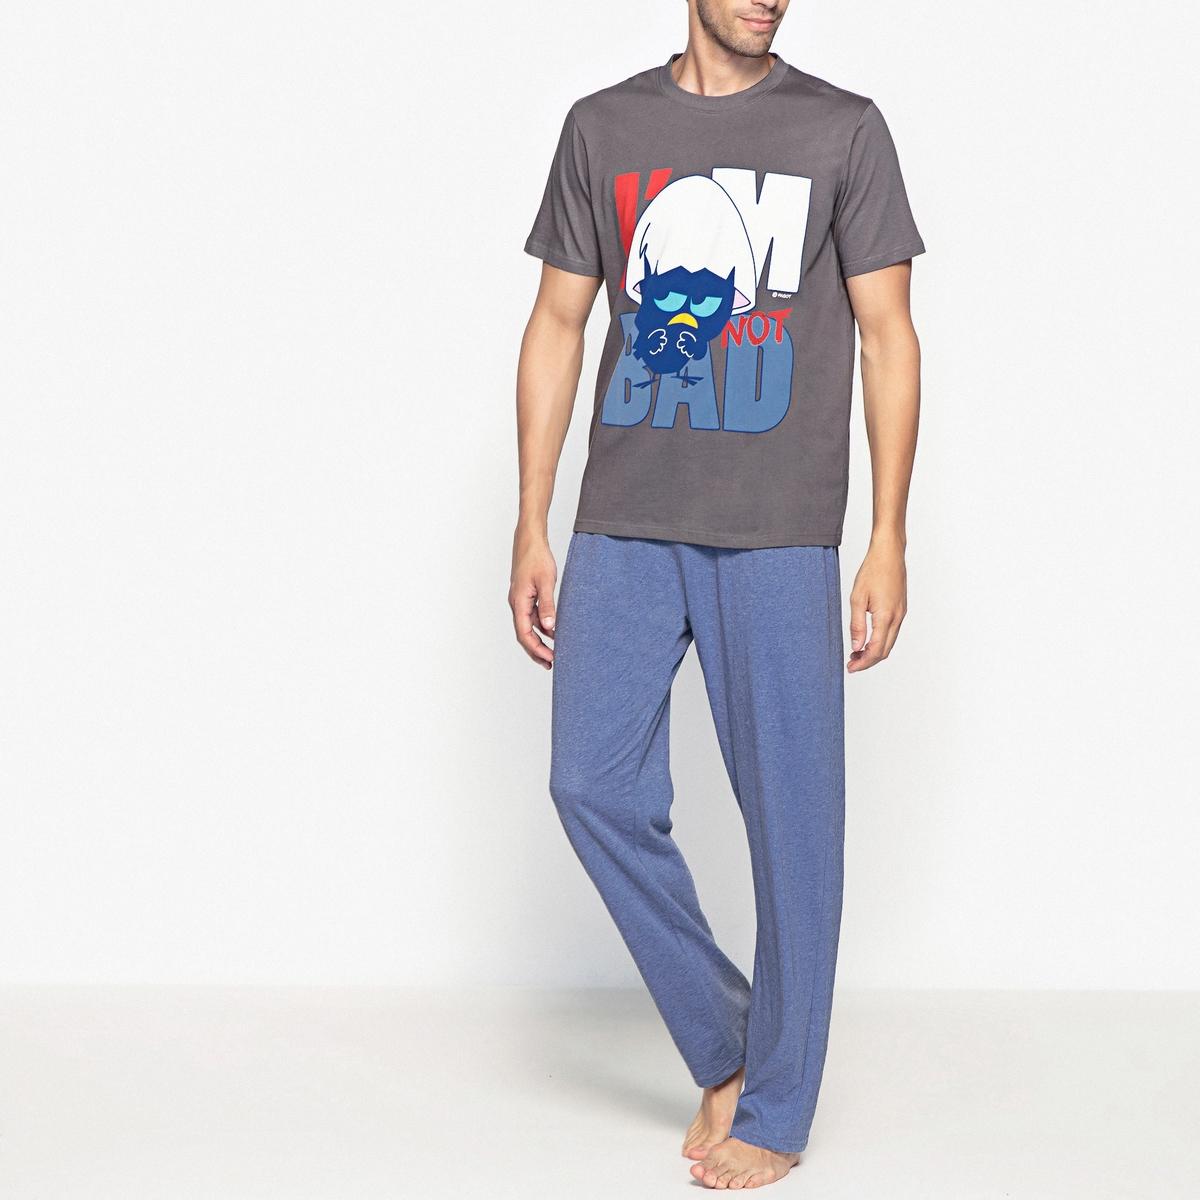 Пижама с короткими рукавами и рисунком CALIMERO пижама с шортами с рисунком